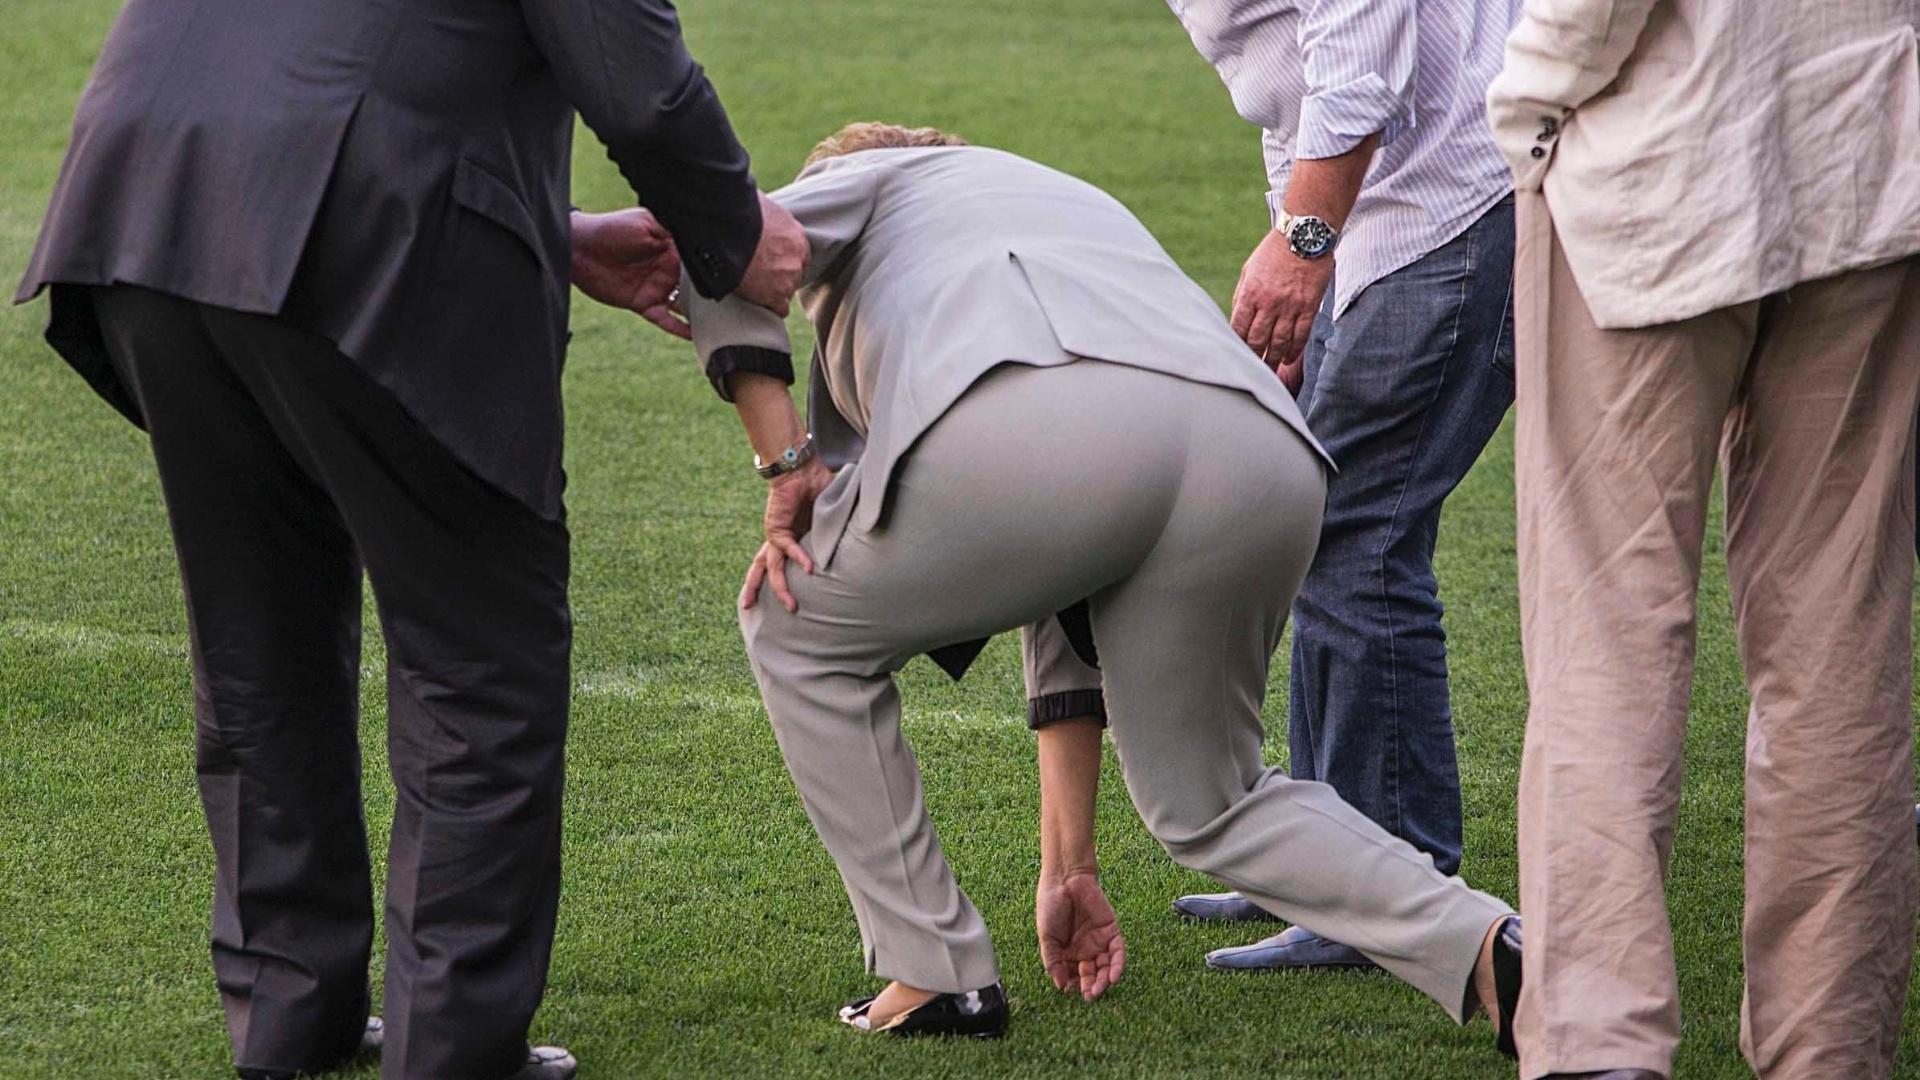 08.05.14 - Dilma Rousseff toca no gramado do Itaquerão, estádio de abertura da Copa do Mundo; presidente chegou a se desequilibrar quando se abaixou, mas foi auxiliada por Andrés Sanchez e Alexandre Padilha